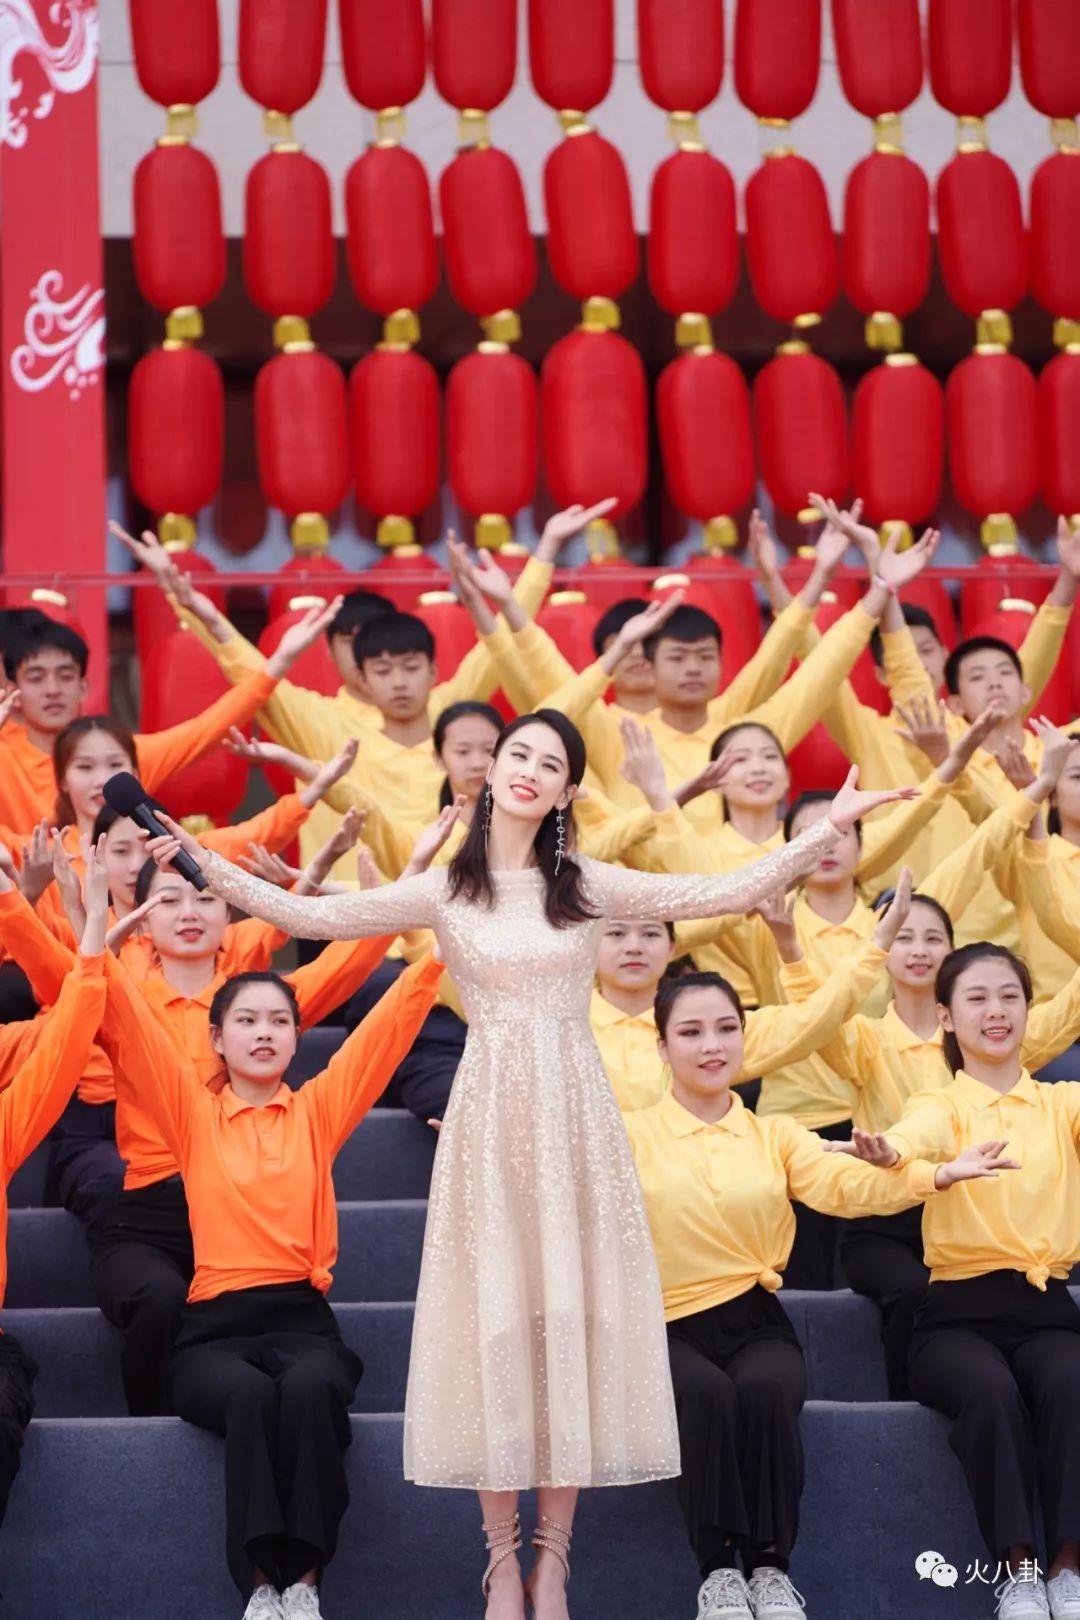 """黄圣依献唱央视""""东西南北贺新春"""",带来新年美好祝福"""